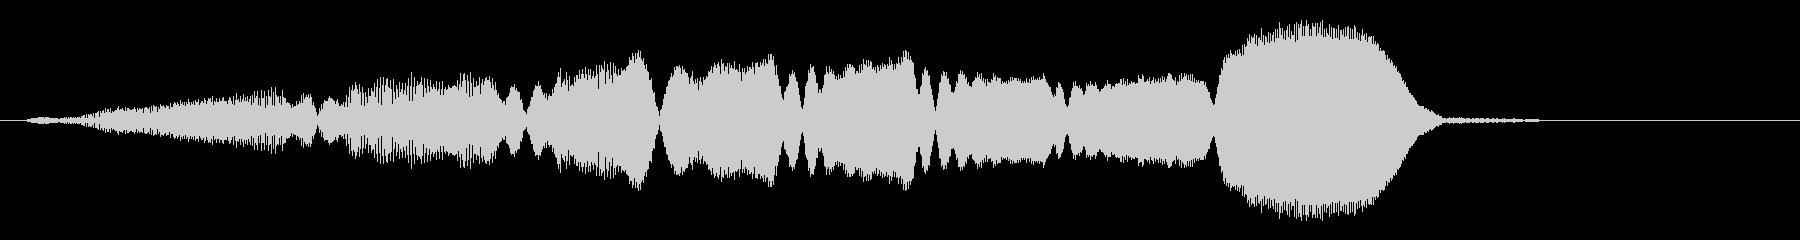 パンフルートの上昇 グリッサンドの未再生の波形